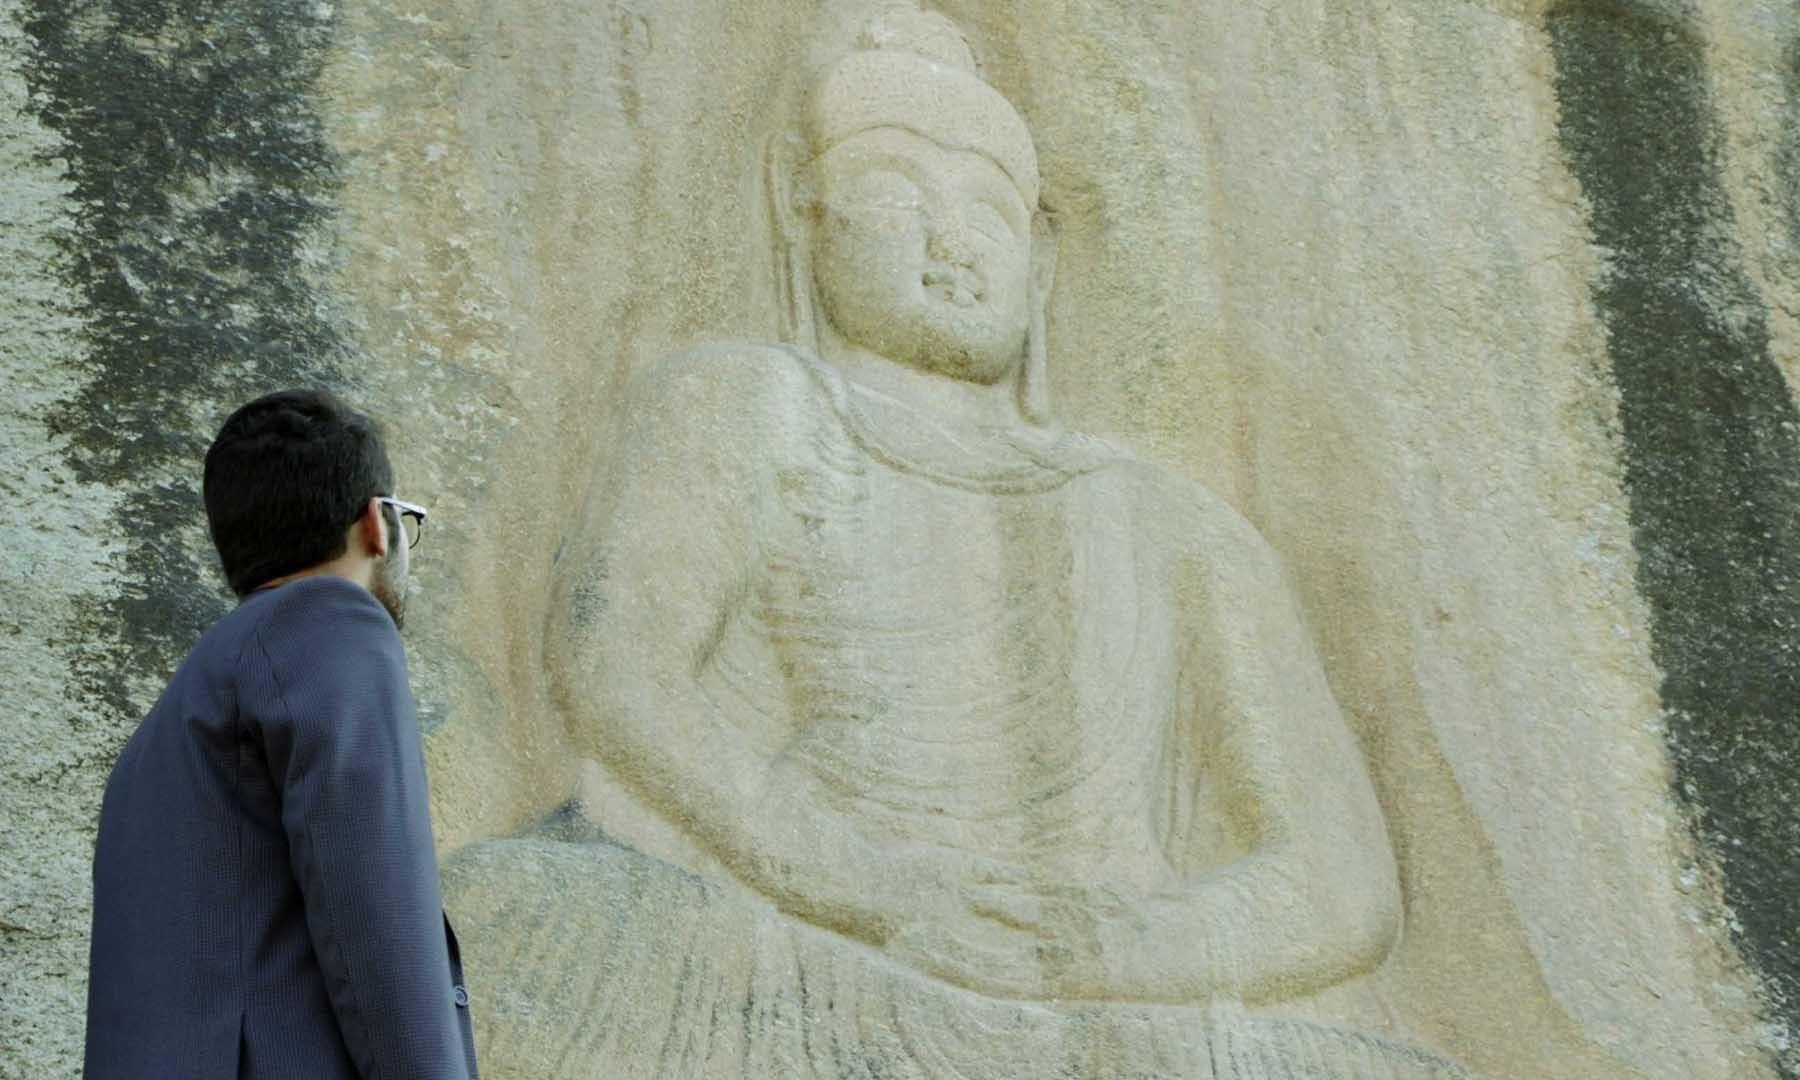 ایک مقامی سیاح بدھا کے مطمئن چہرے کا نظارہ کر رہا ہے—امجد علی سحاب